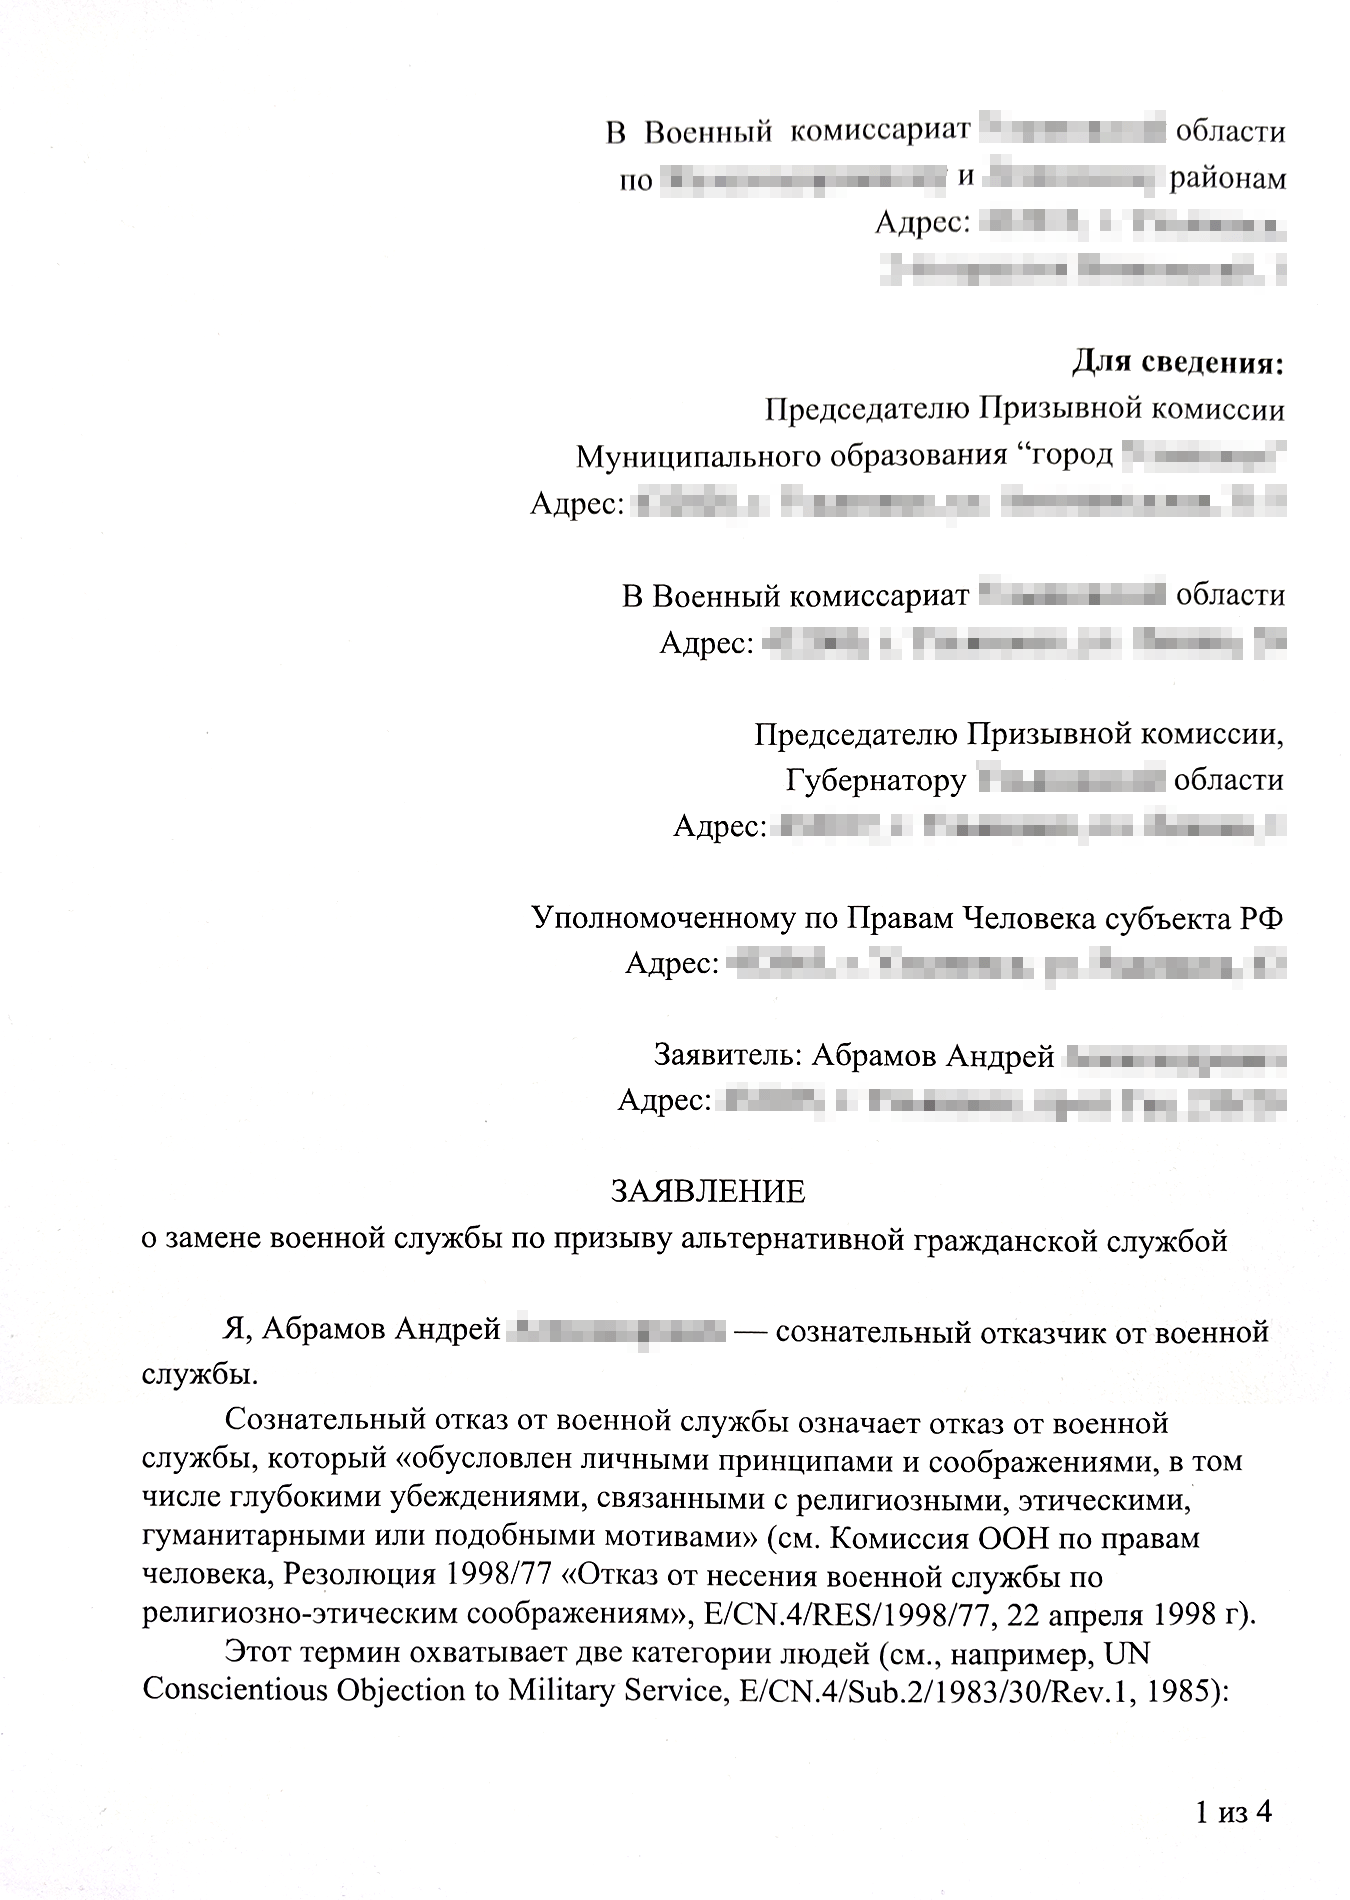 На первой странице нужно правильно указать адресатов и понятно обозначить, о чем ваше заявление